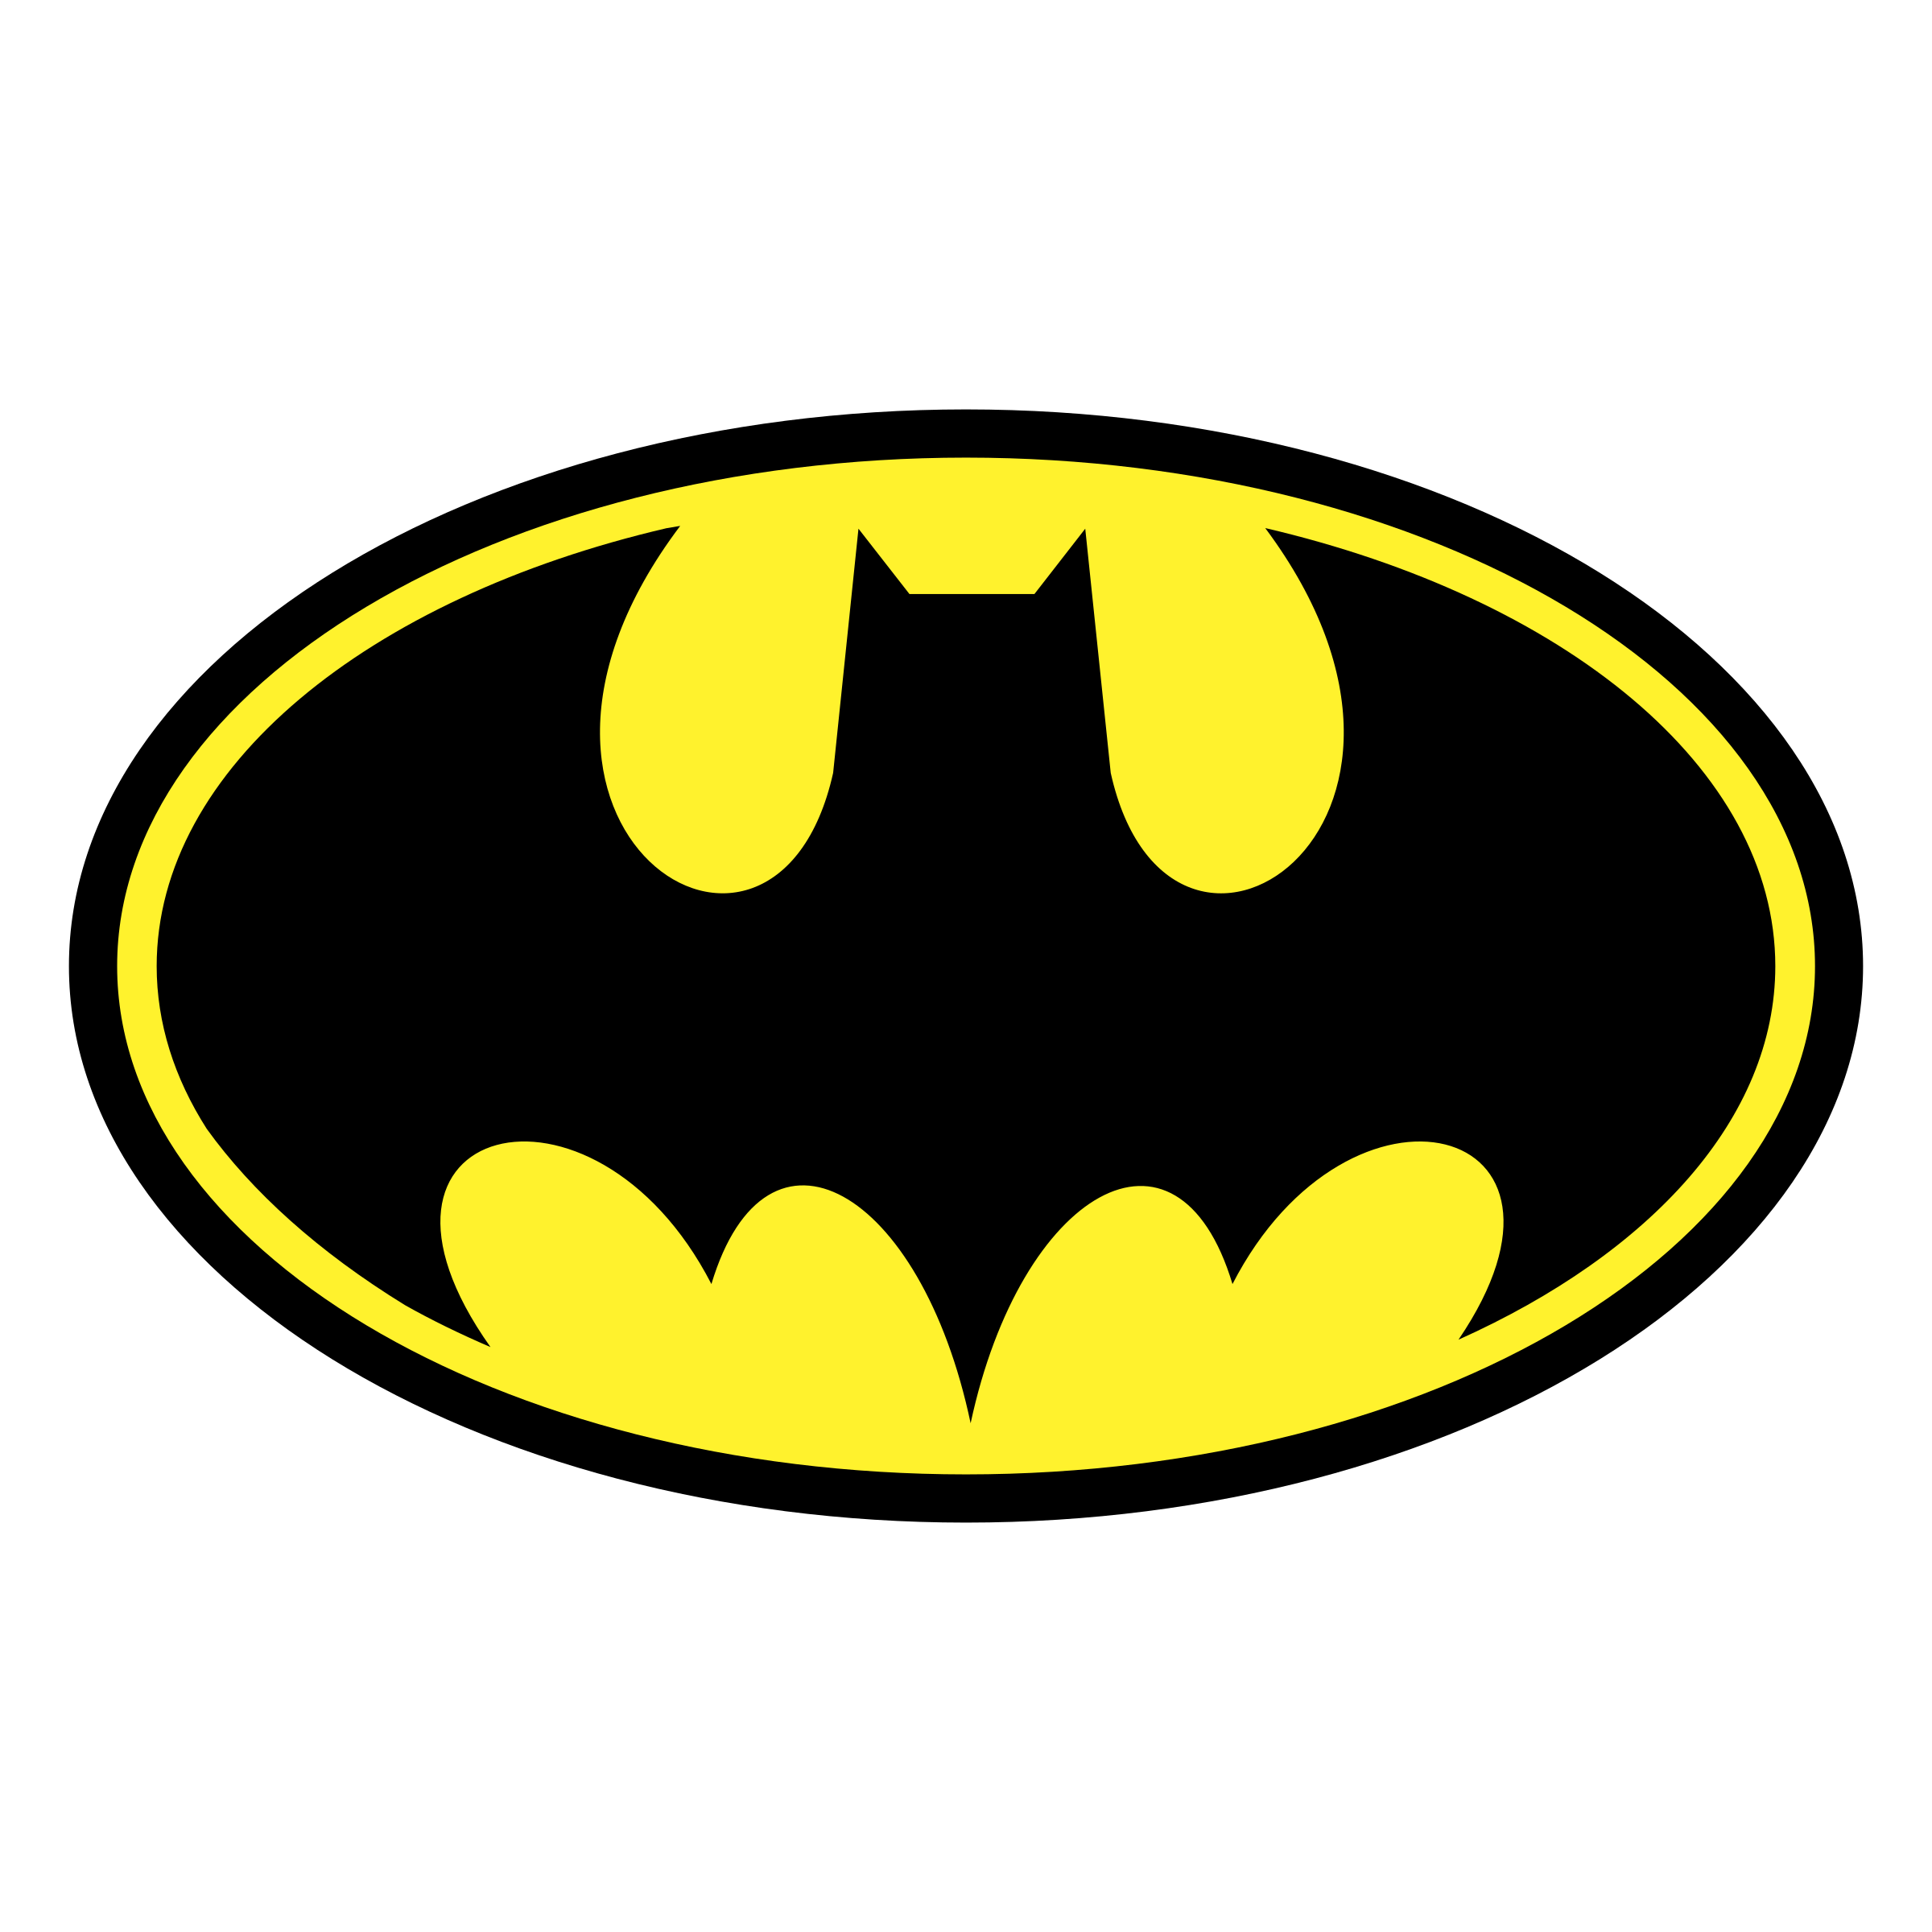 clip transparent download Batman